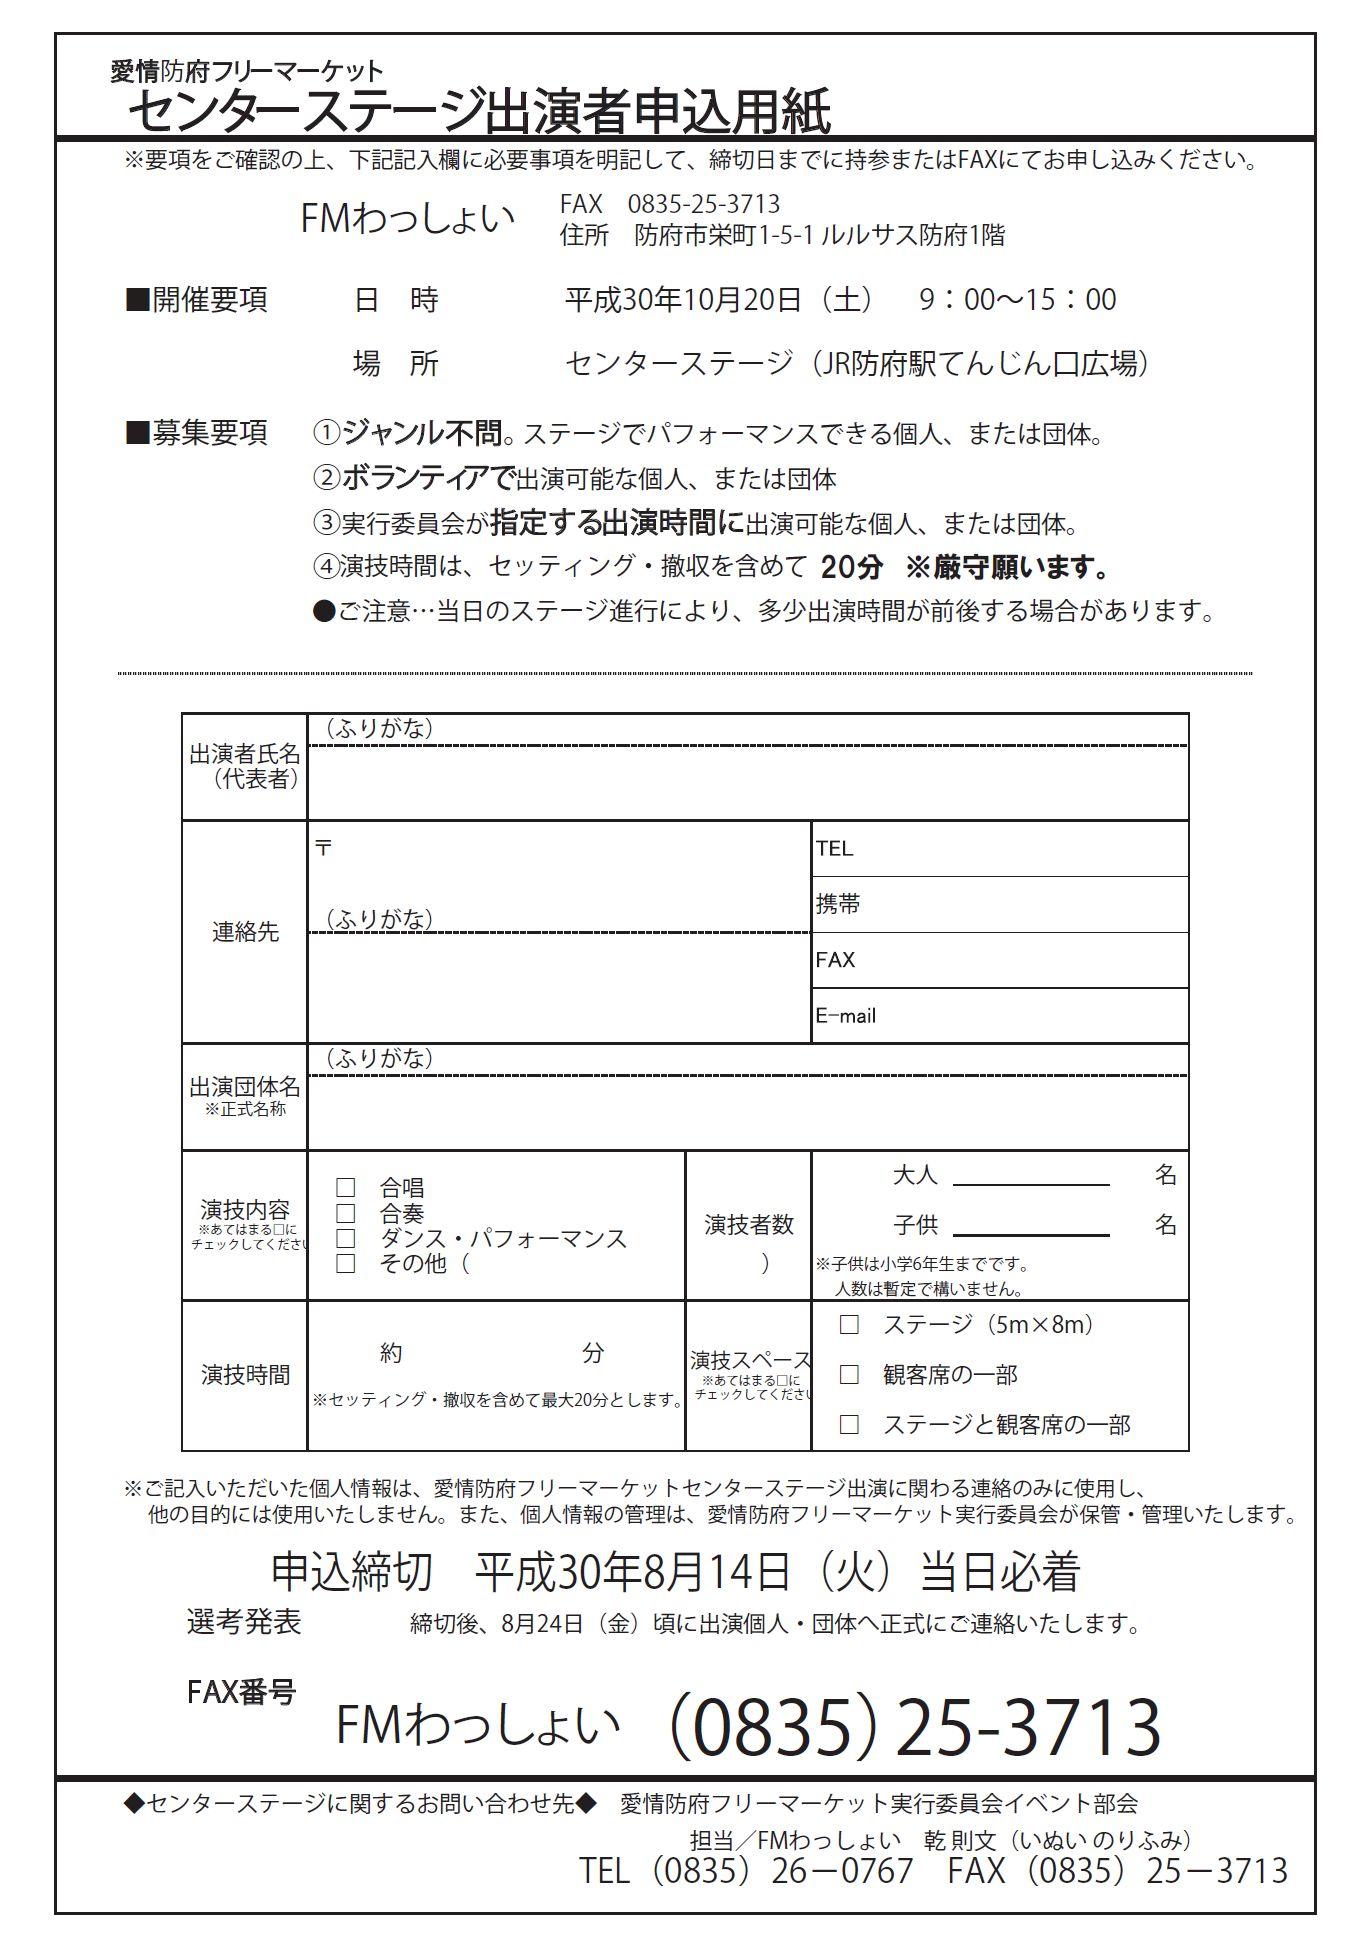 愛情防府フリーマーケット・センターステージ出演者募集